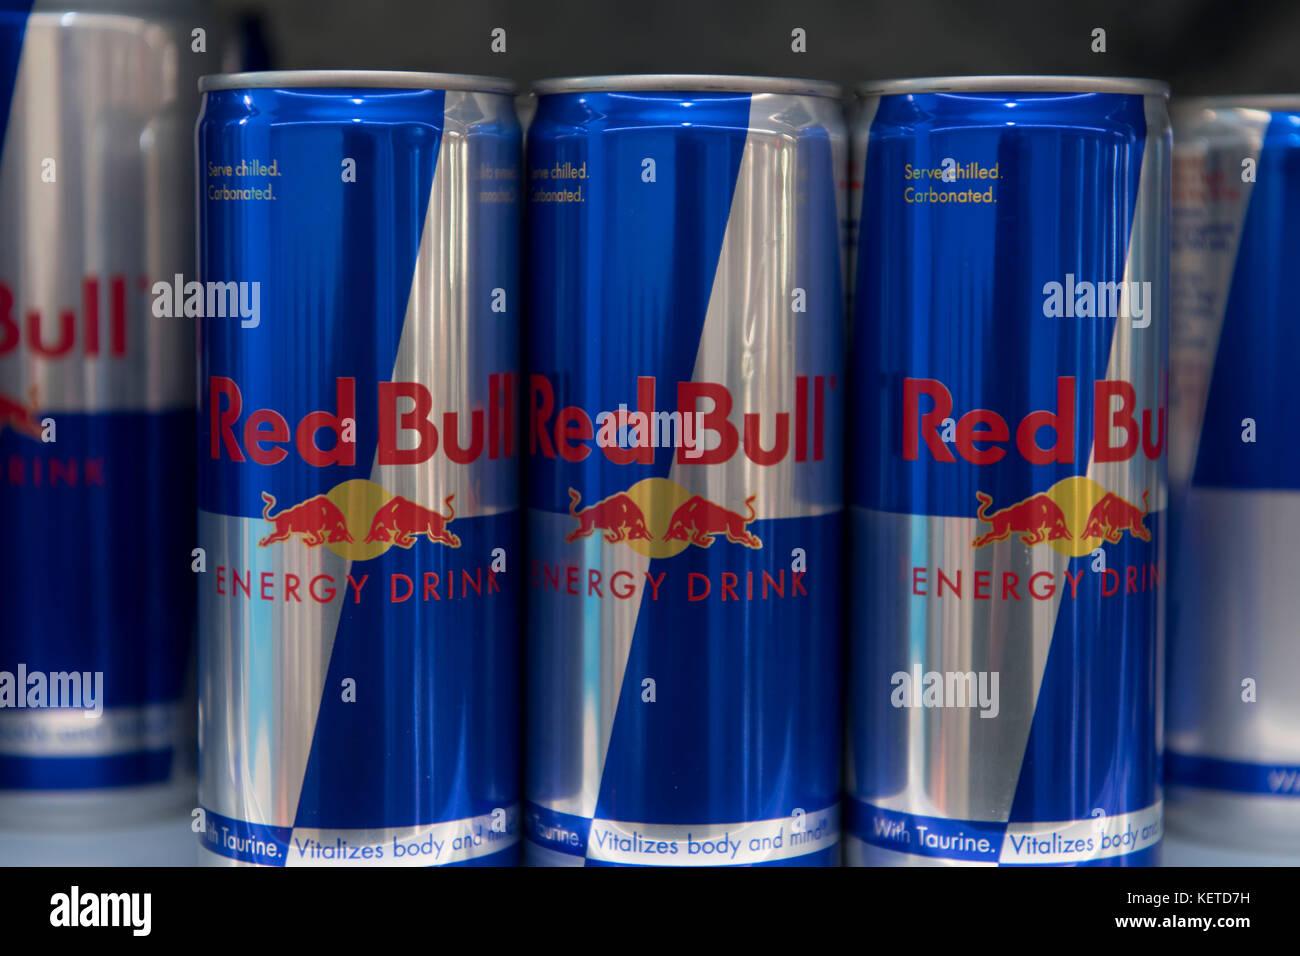 Red Bull Kühlschrank Als Dose : Store carbonated drink stockfotos & store carbonated drink bilder